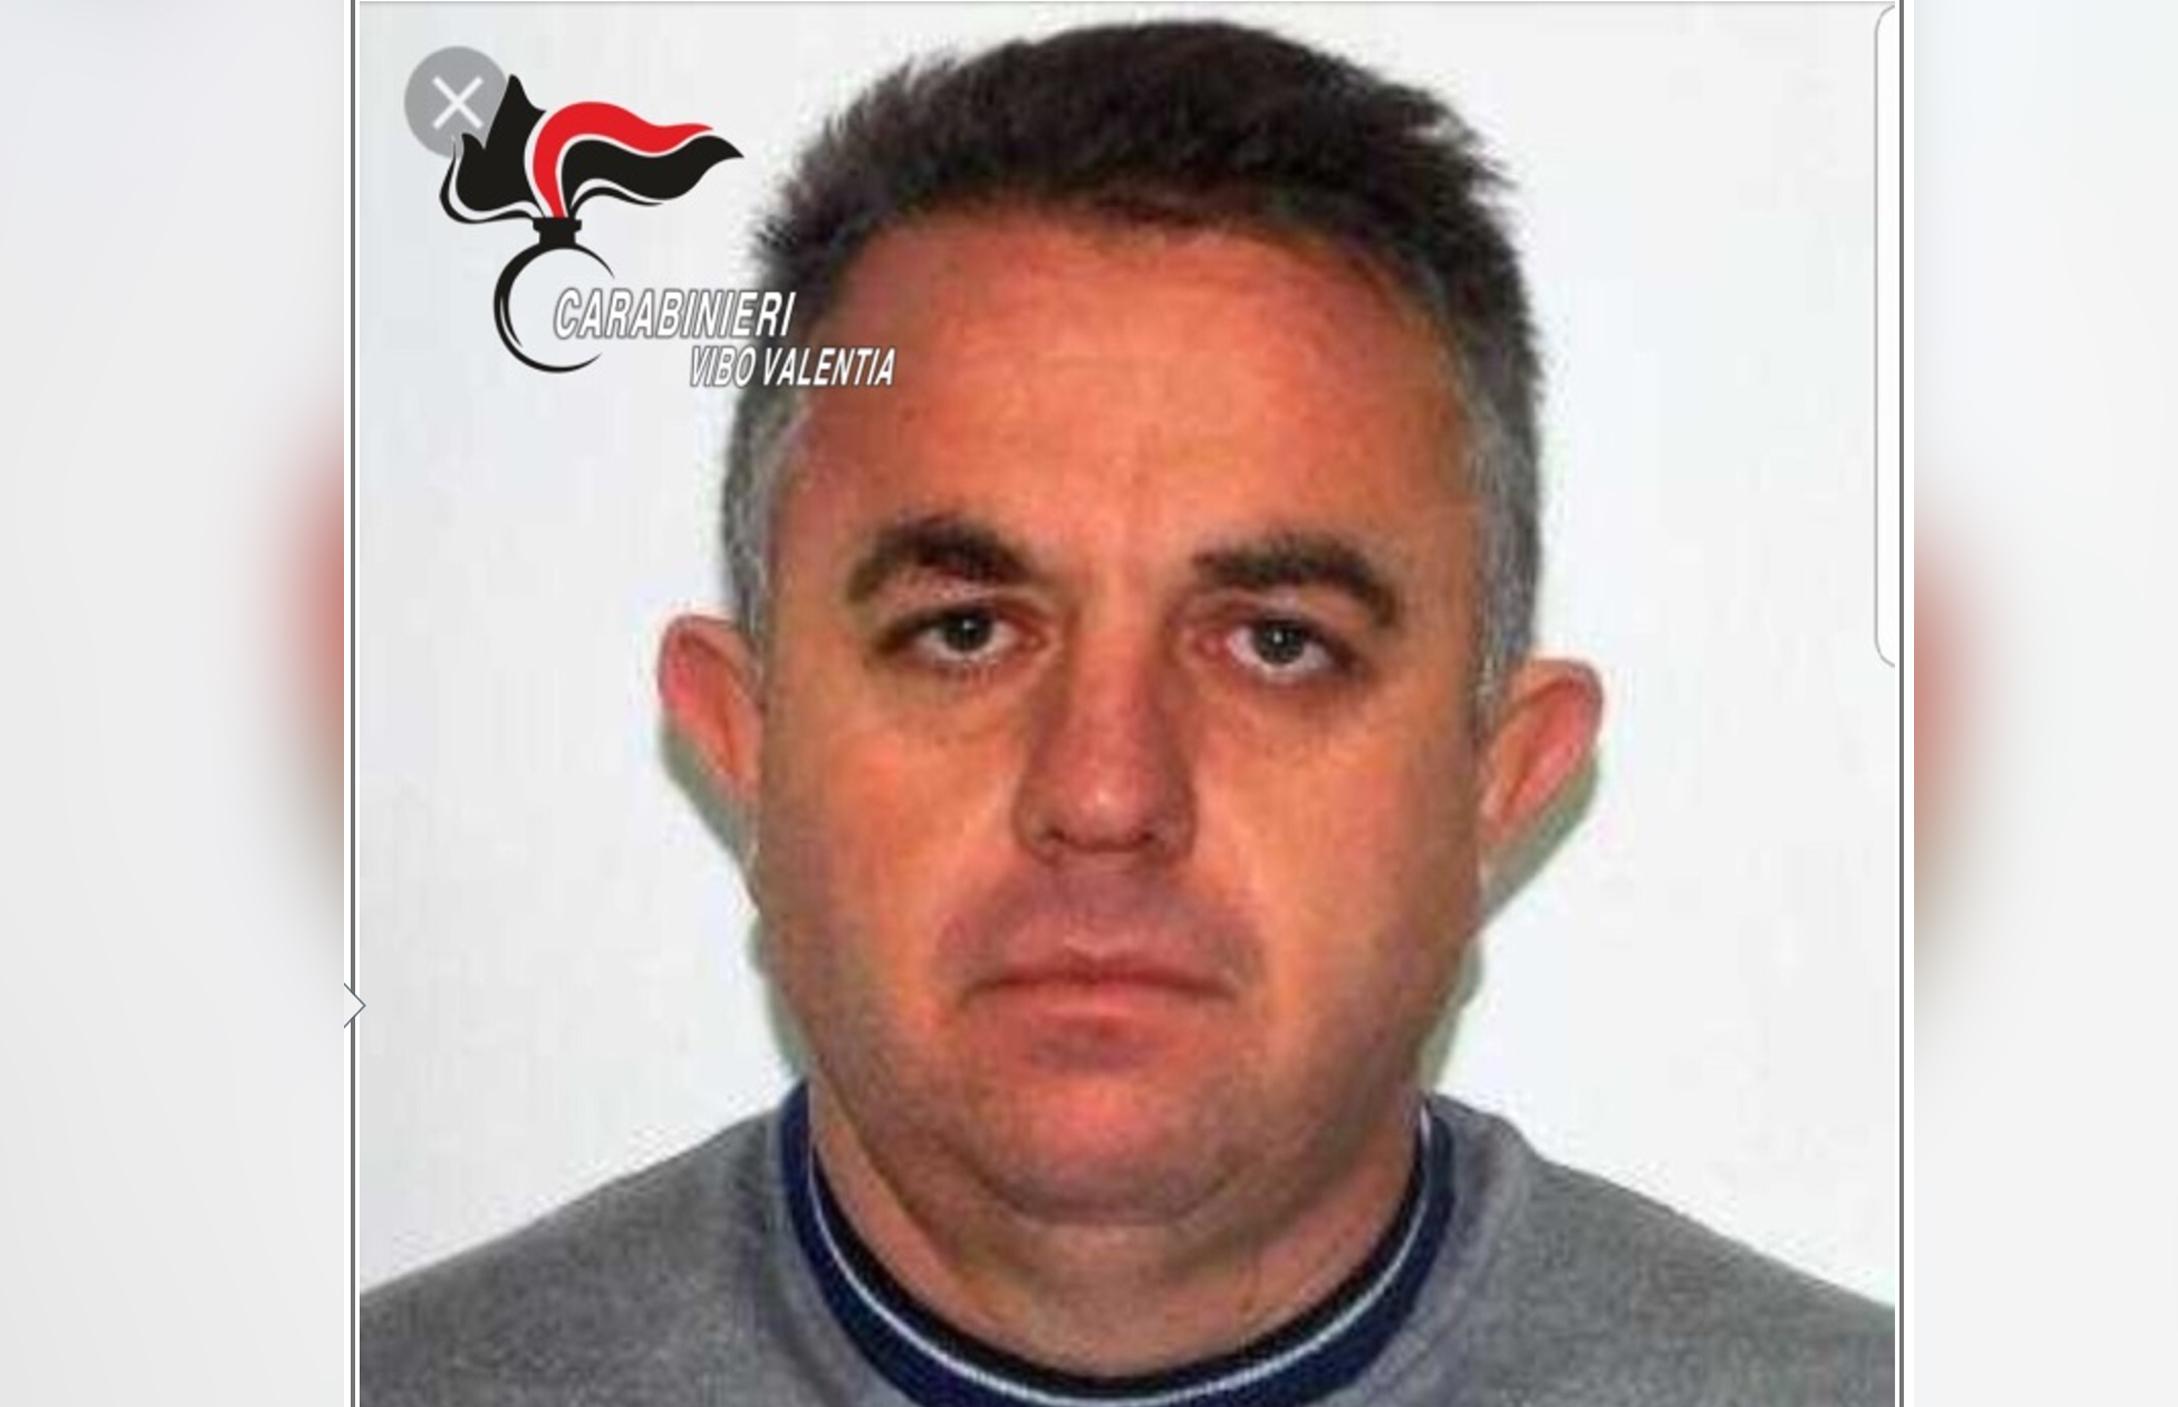 Tropea, tradito dalla telecamera di sicurezza del ristoranteArrestato per violazione della sorveglianza Francesco La Rosa